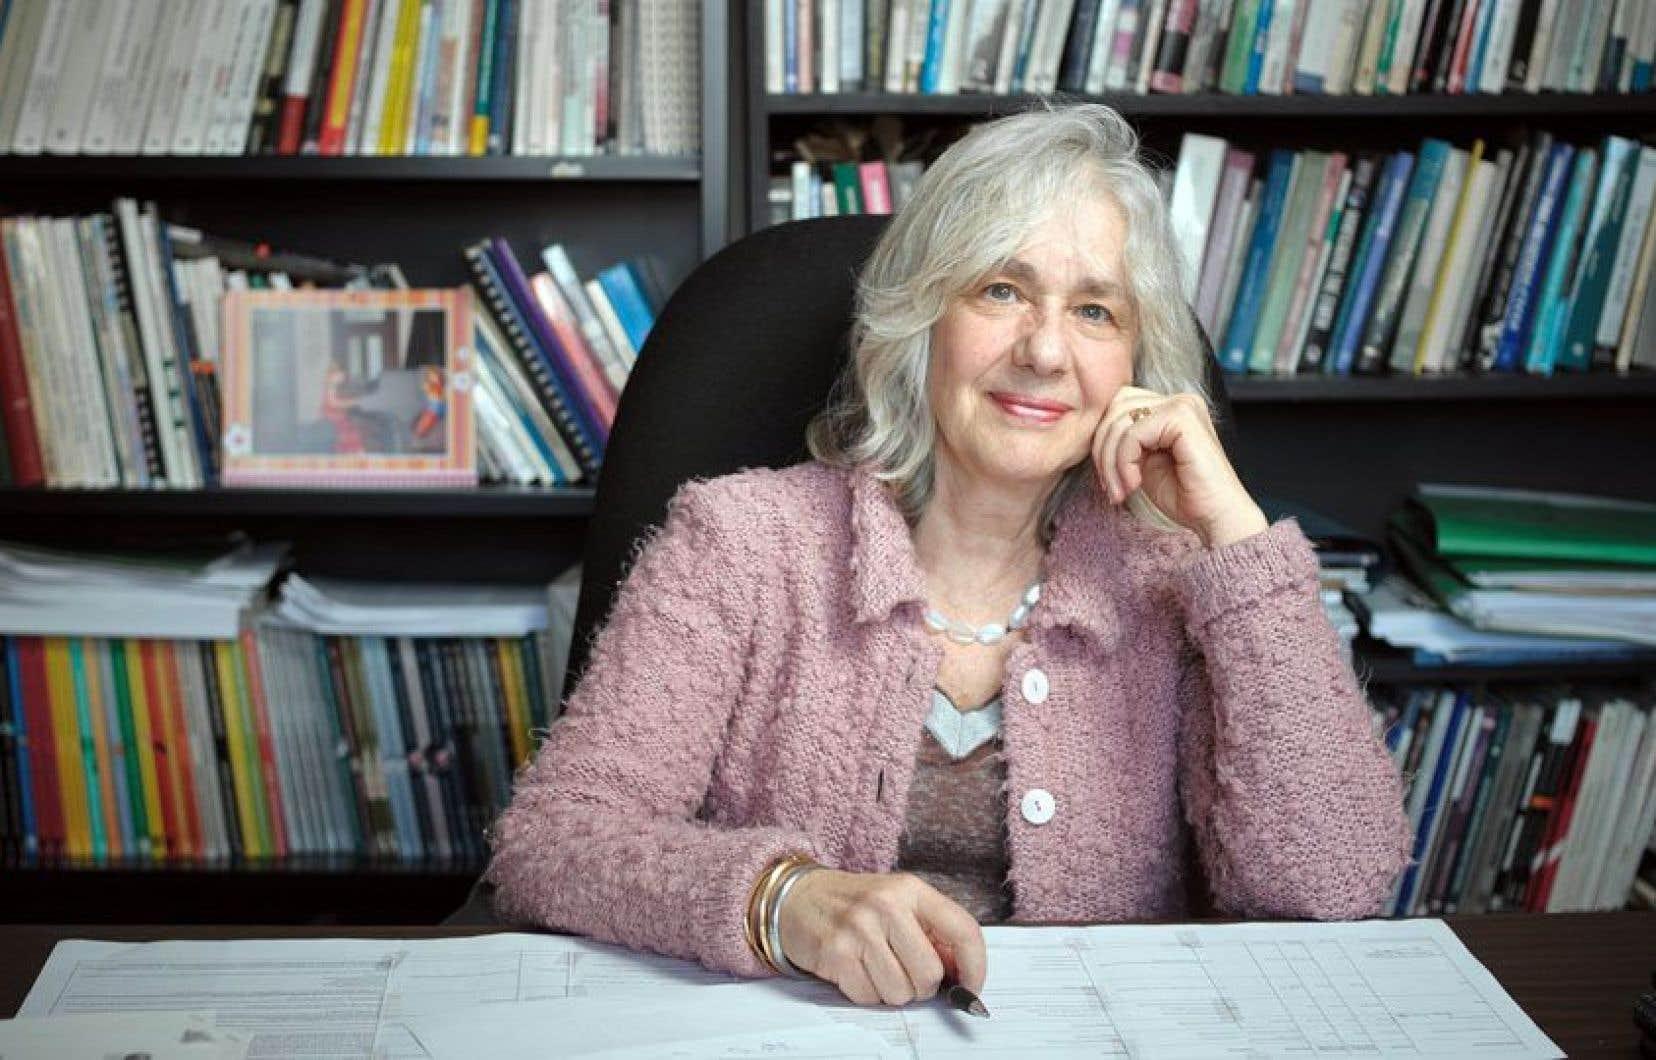 La Professeure et directrice adjointe de l'école des affaires publiques et communautaires de l'Université Concordia, Marguerite Mendell soutient que la finance responsable n'a pas été autant touchée par la crise de 2008 que le secteur traditionnel.